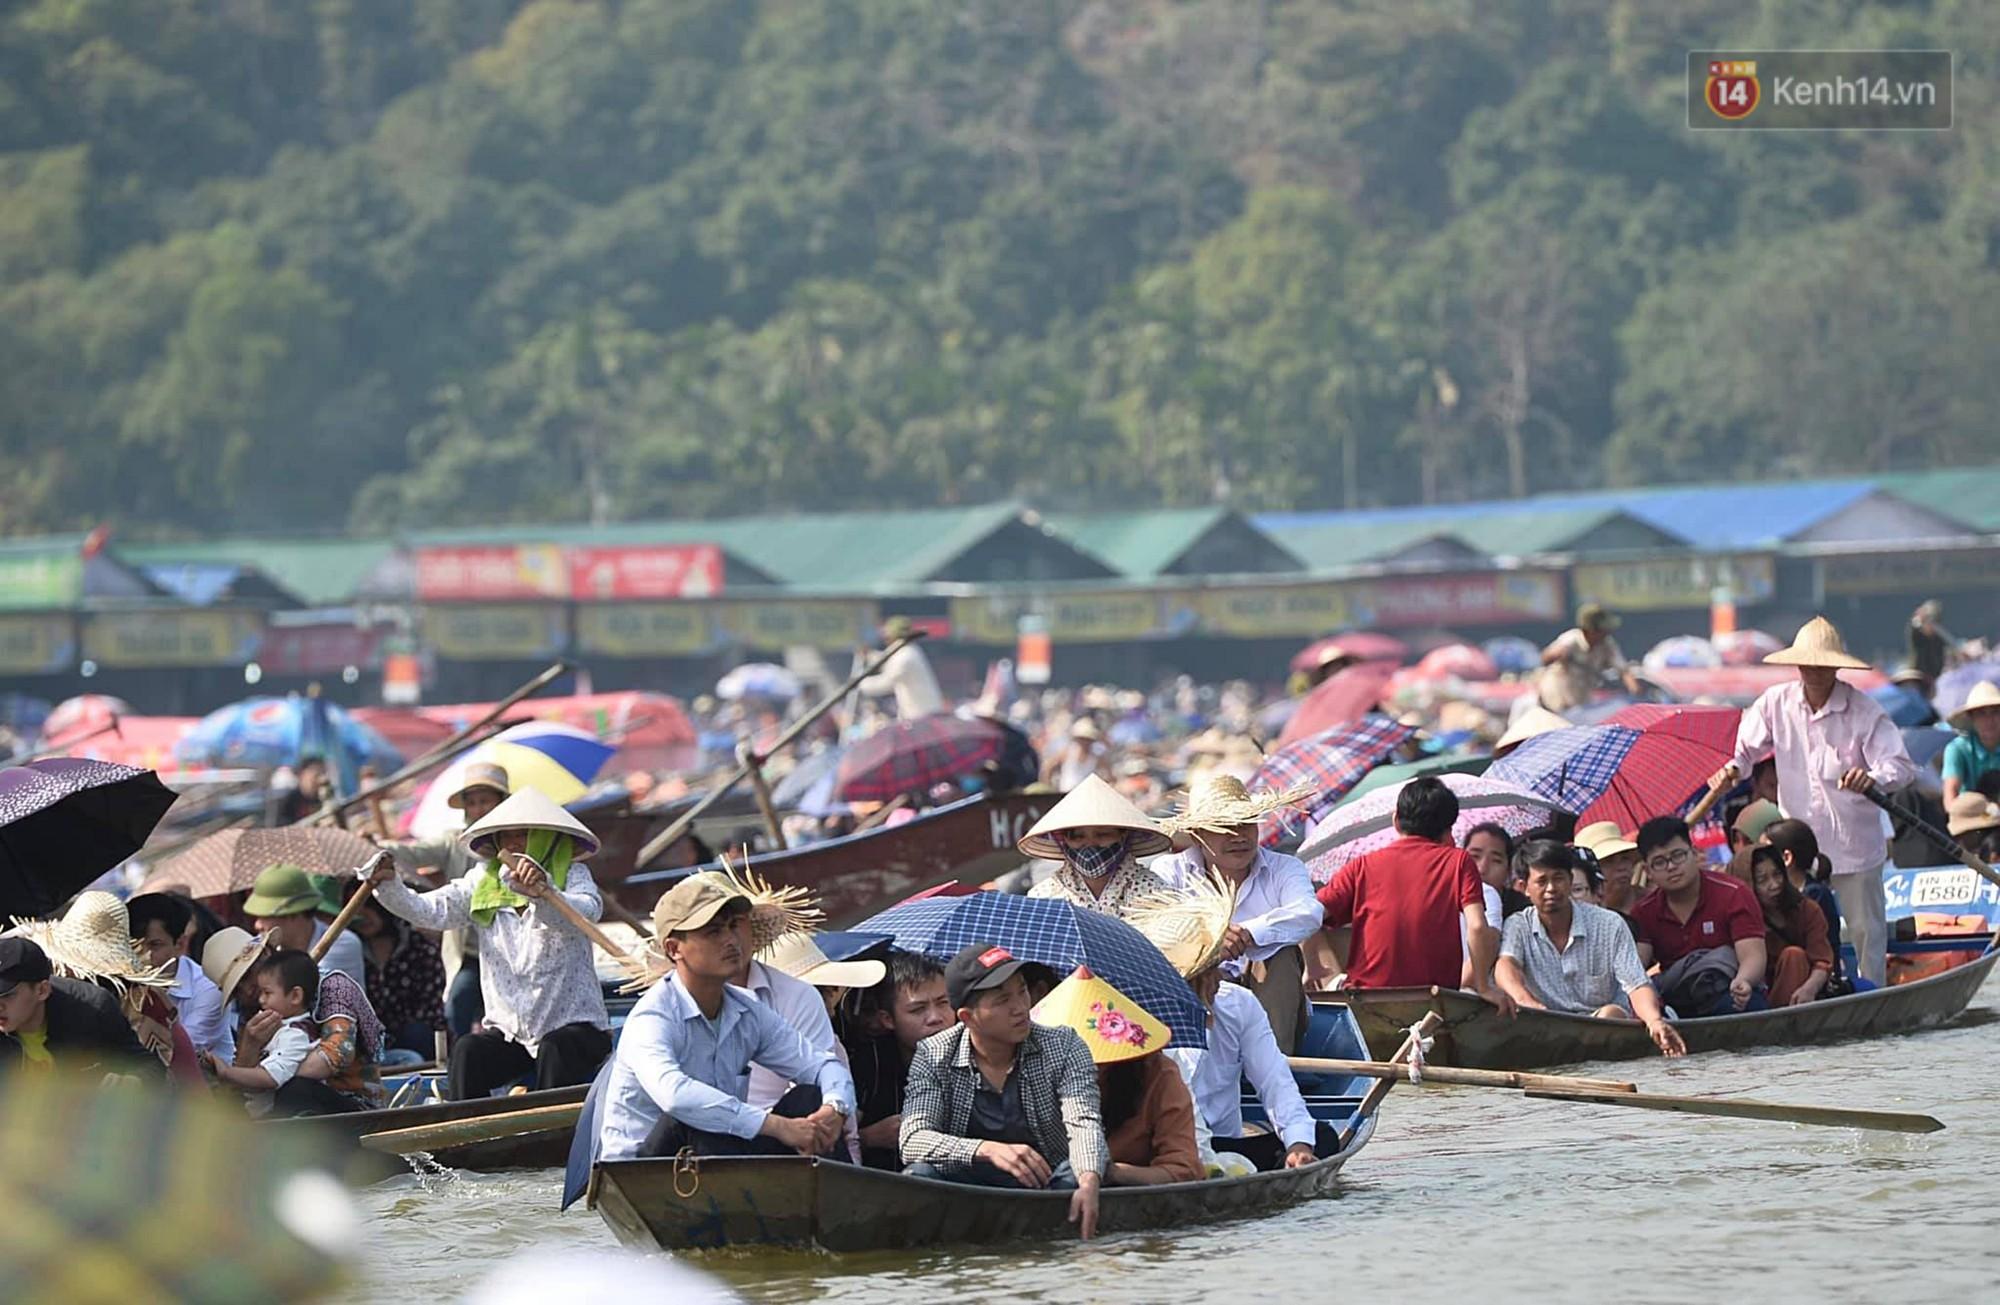 Gần 5 vạn người đổ về chùa Hương trong ngày mồng 5 Tết, 1 ngày trước khi khai hội - Ảnh 2.